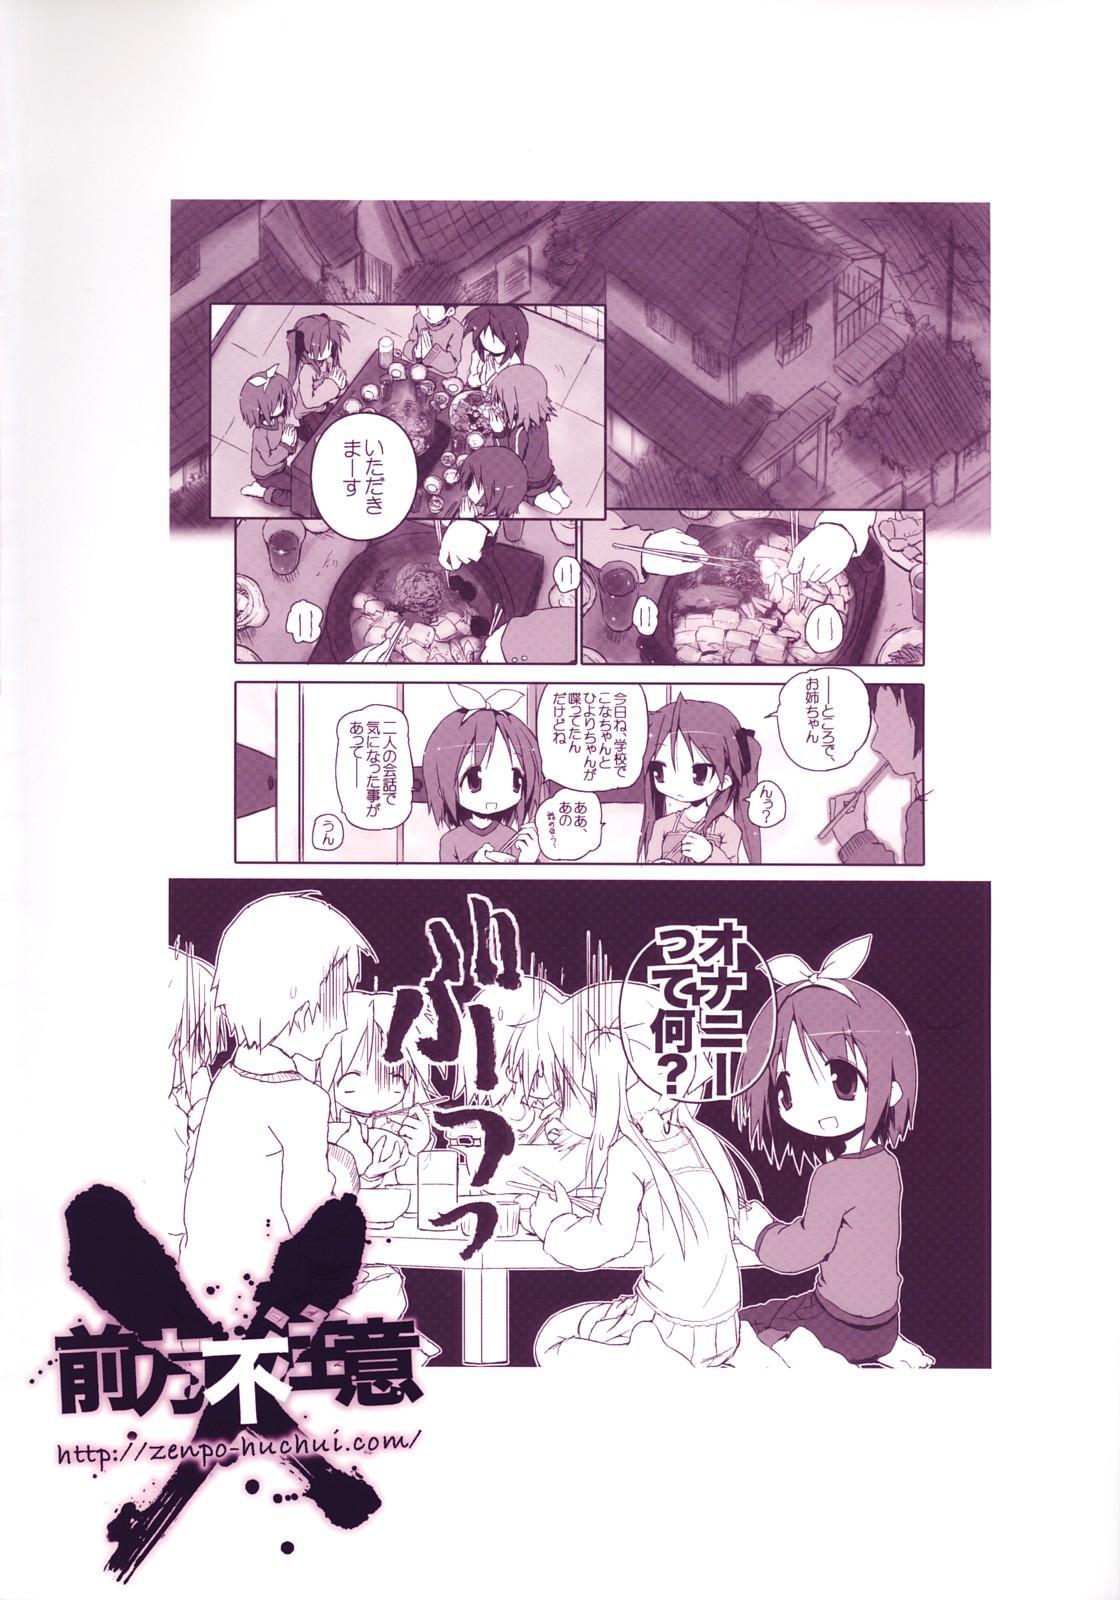 Hiiragi Shimai Aibu Manual 33